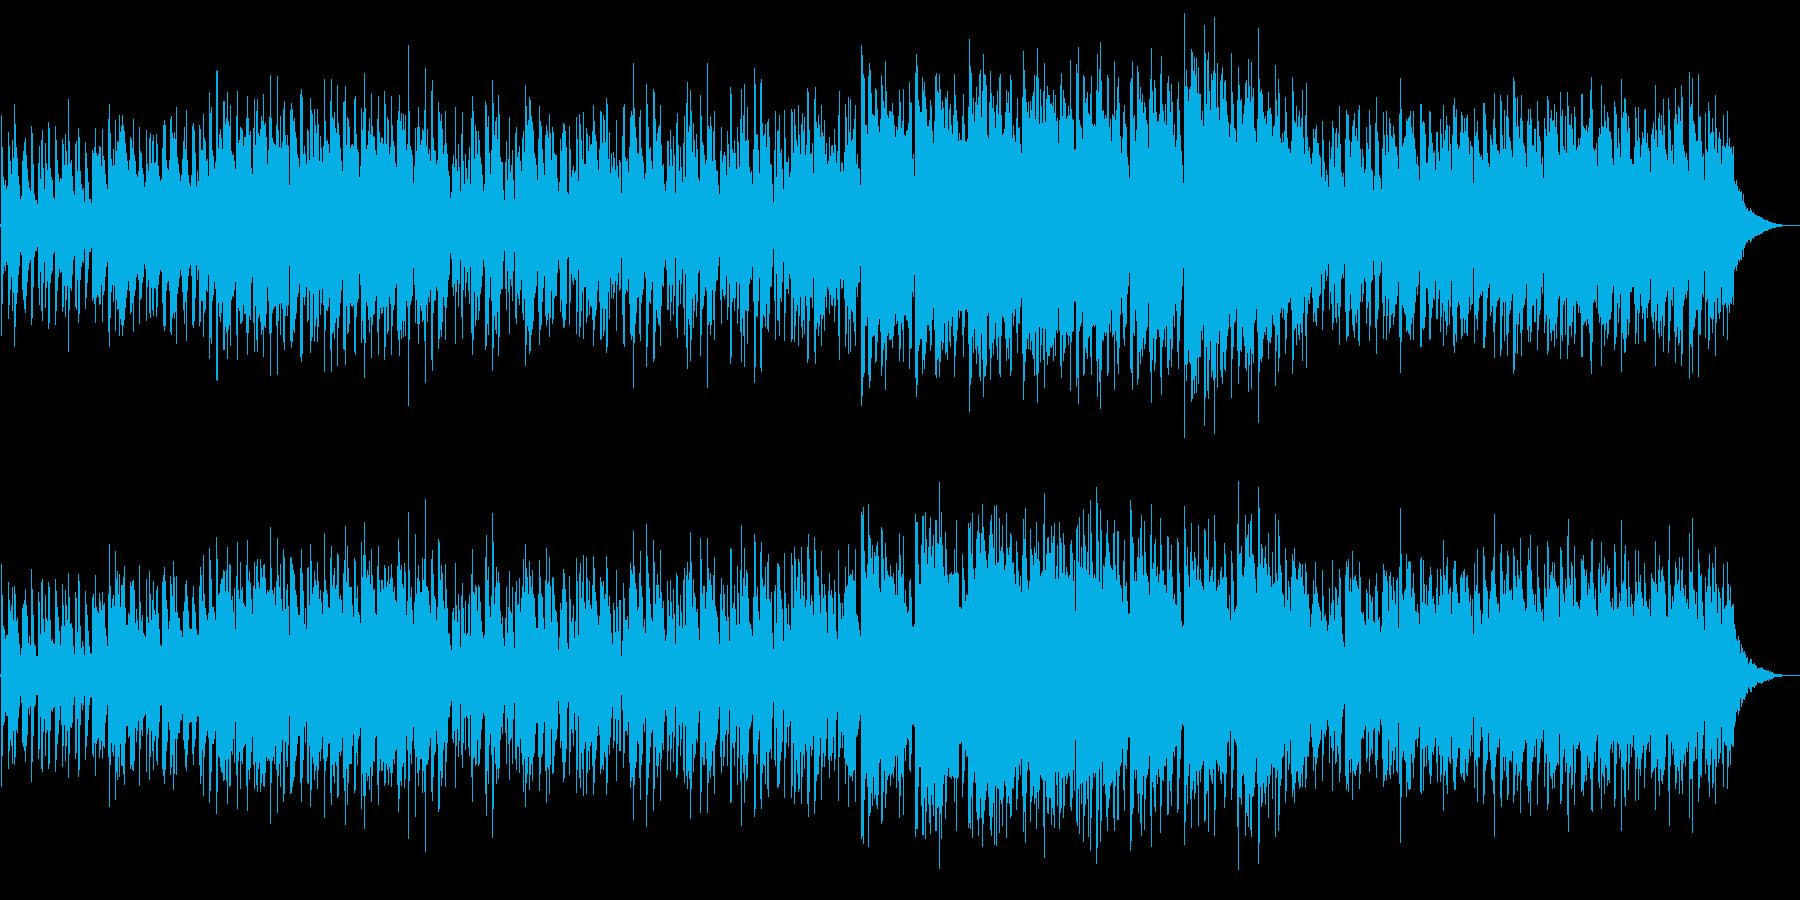 ケルティックなバイオリンと攻撃的なリズムの再生済みの波形